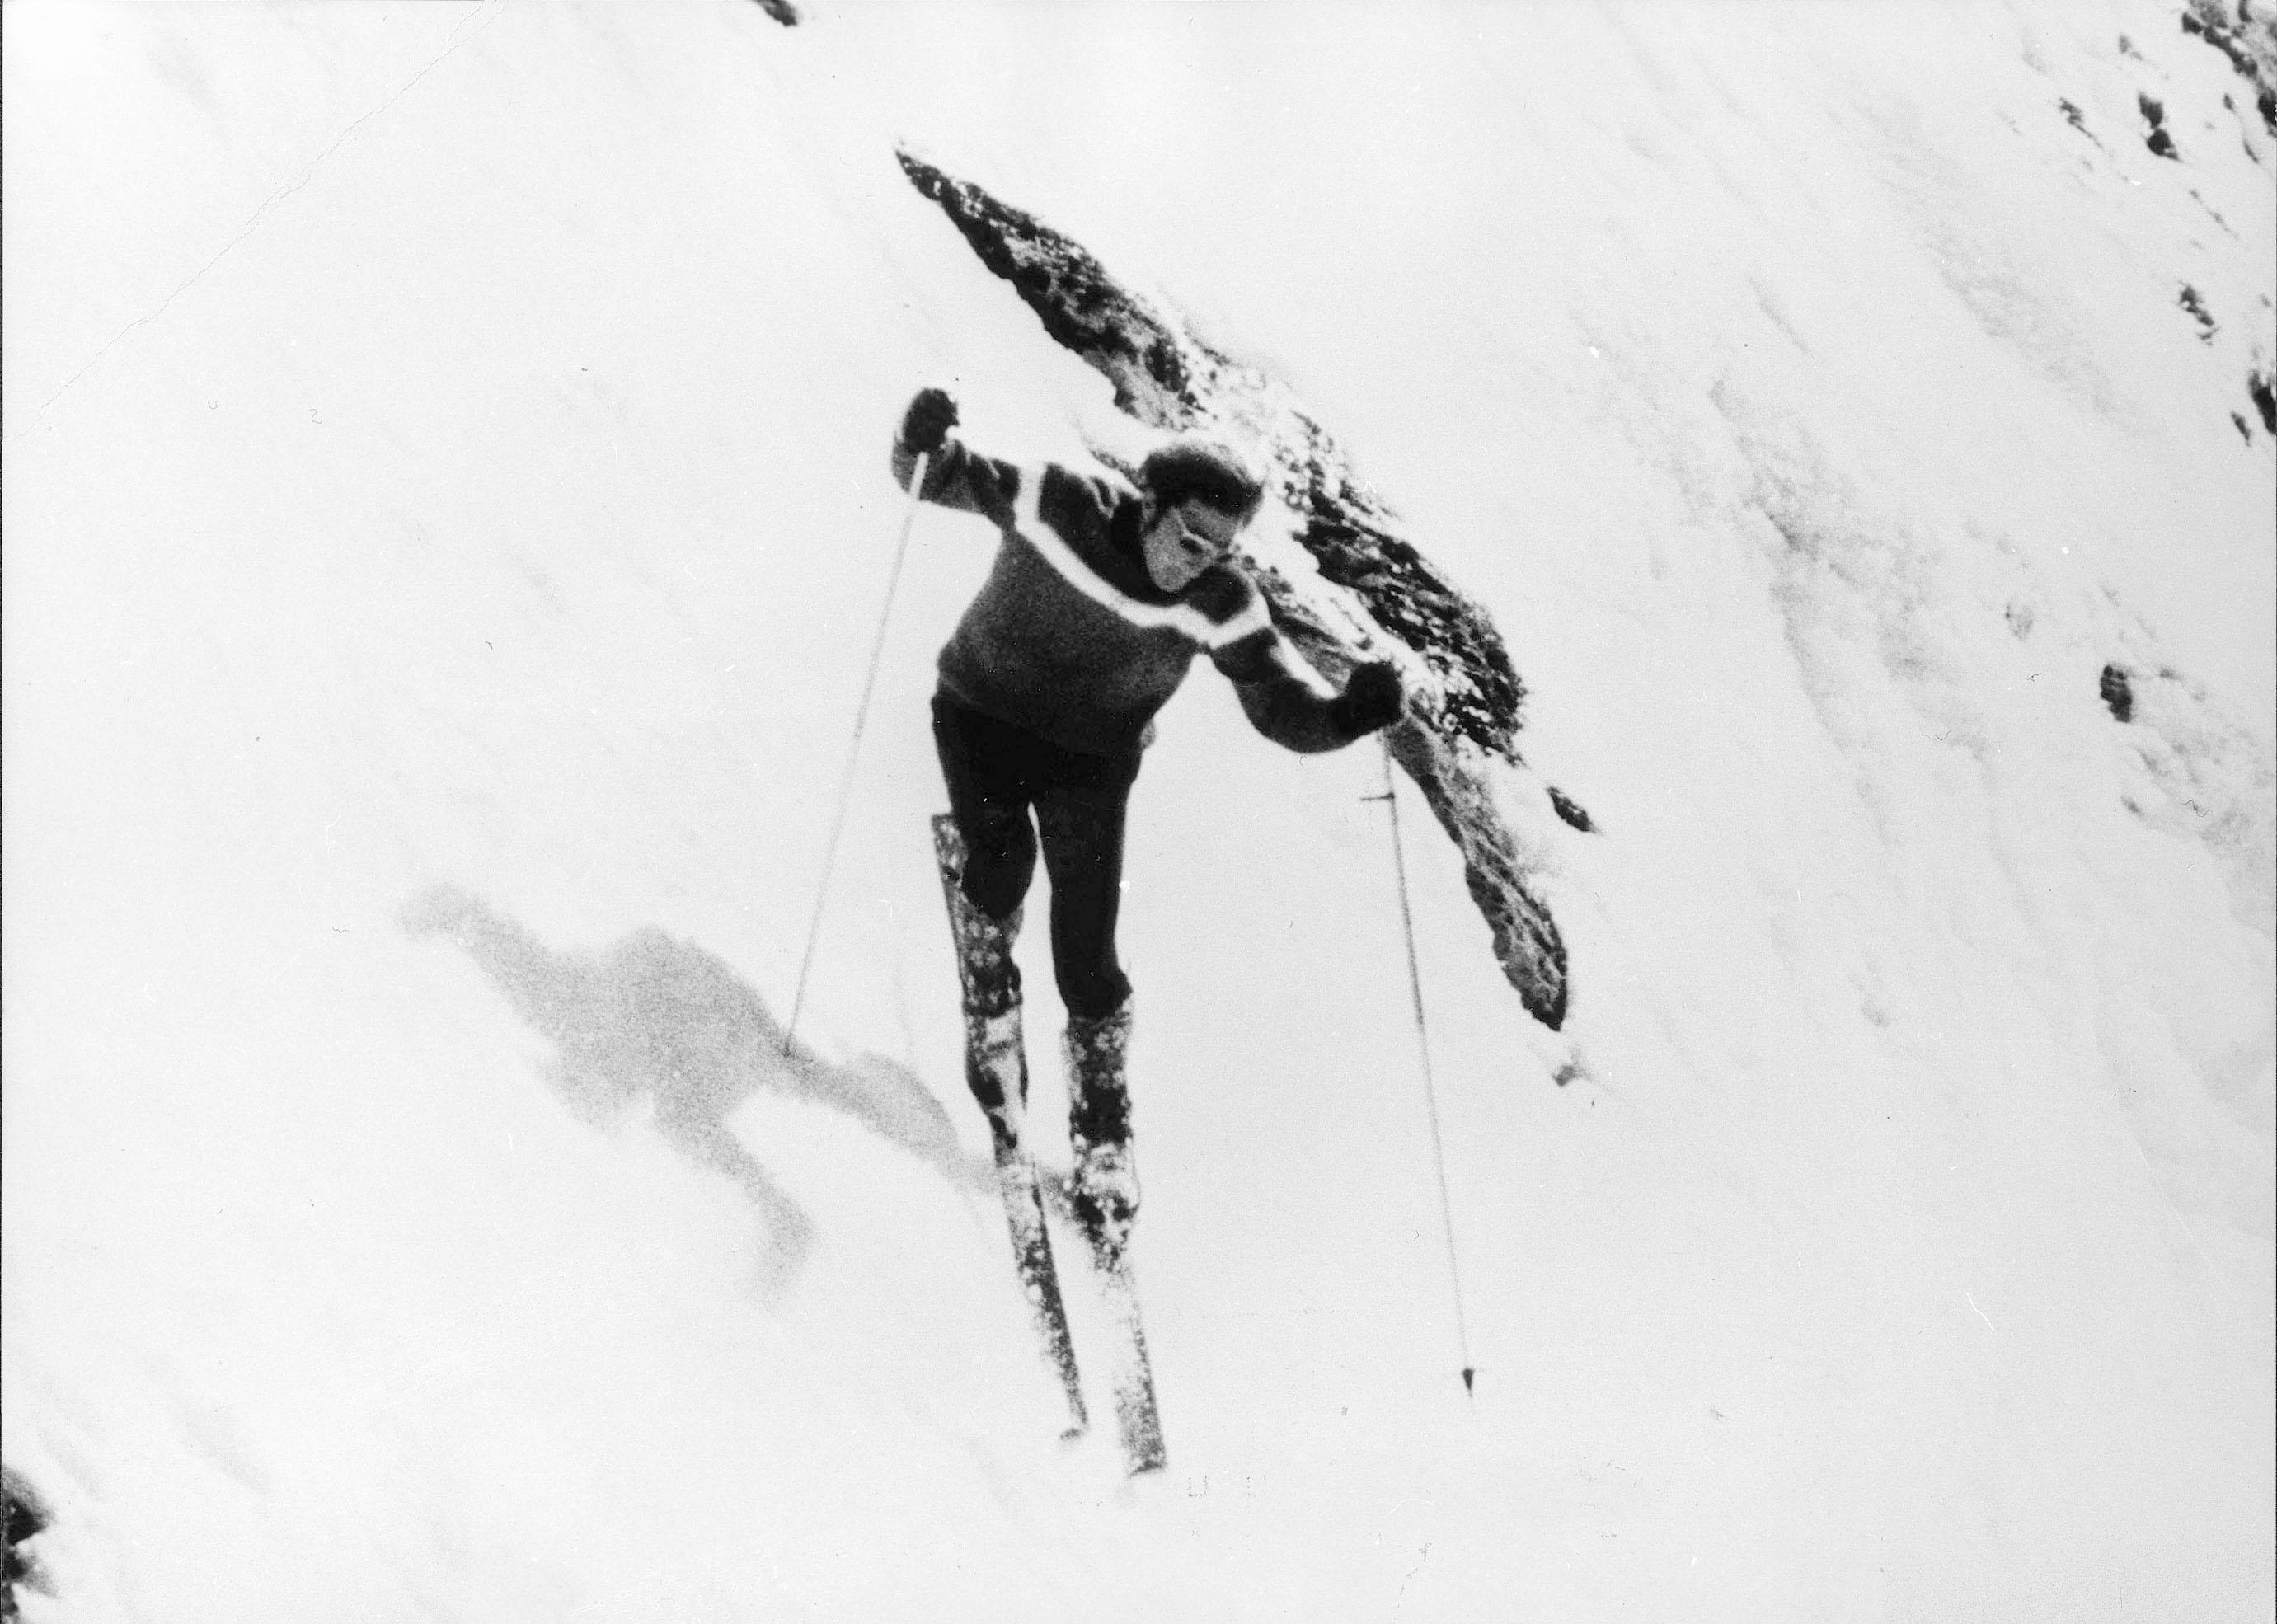 Le skieur de l'impossible